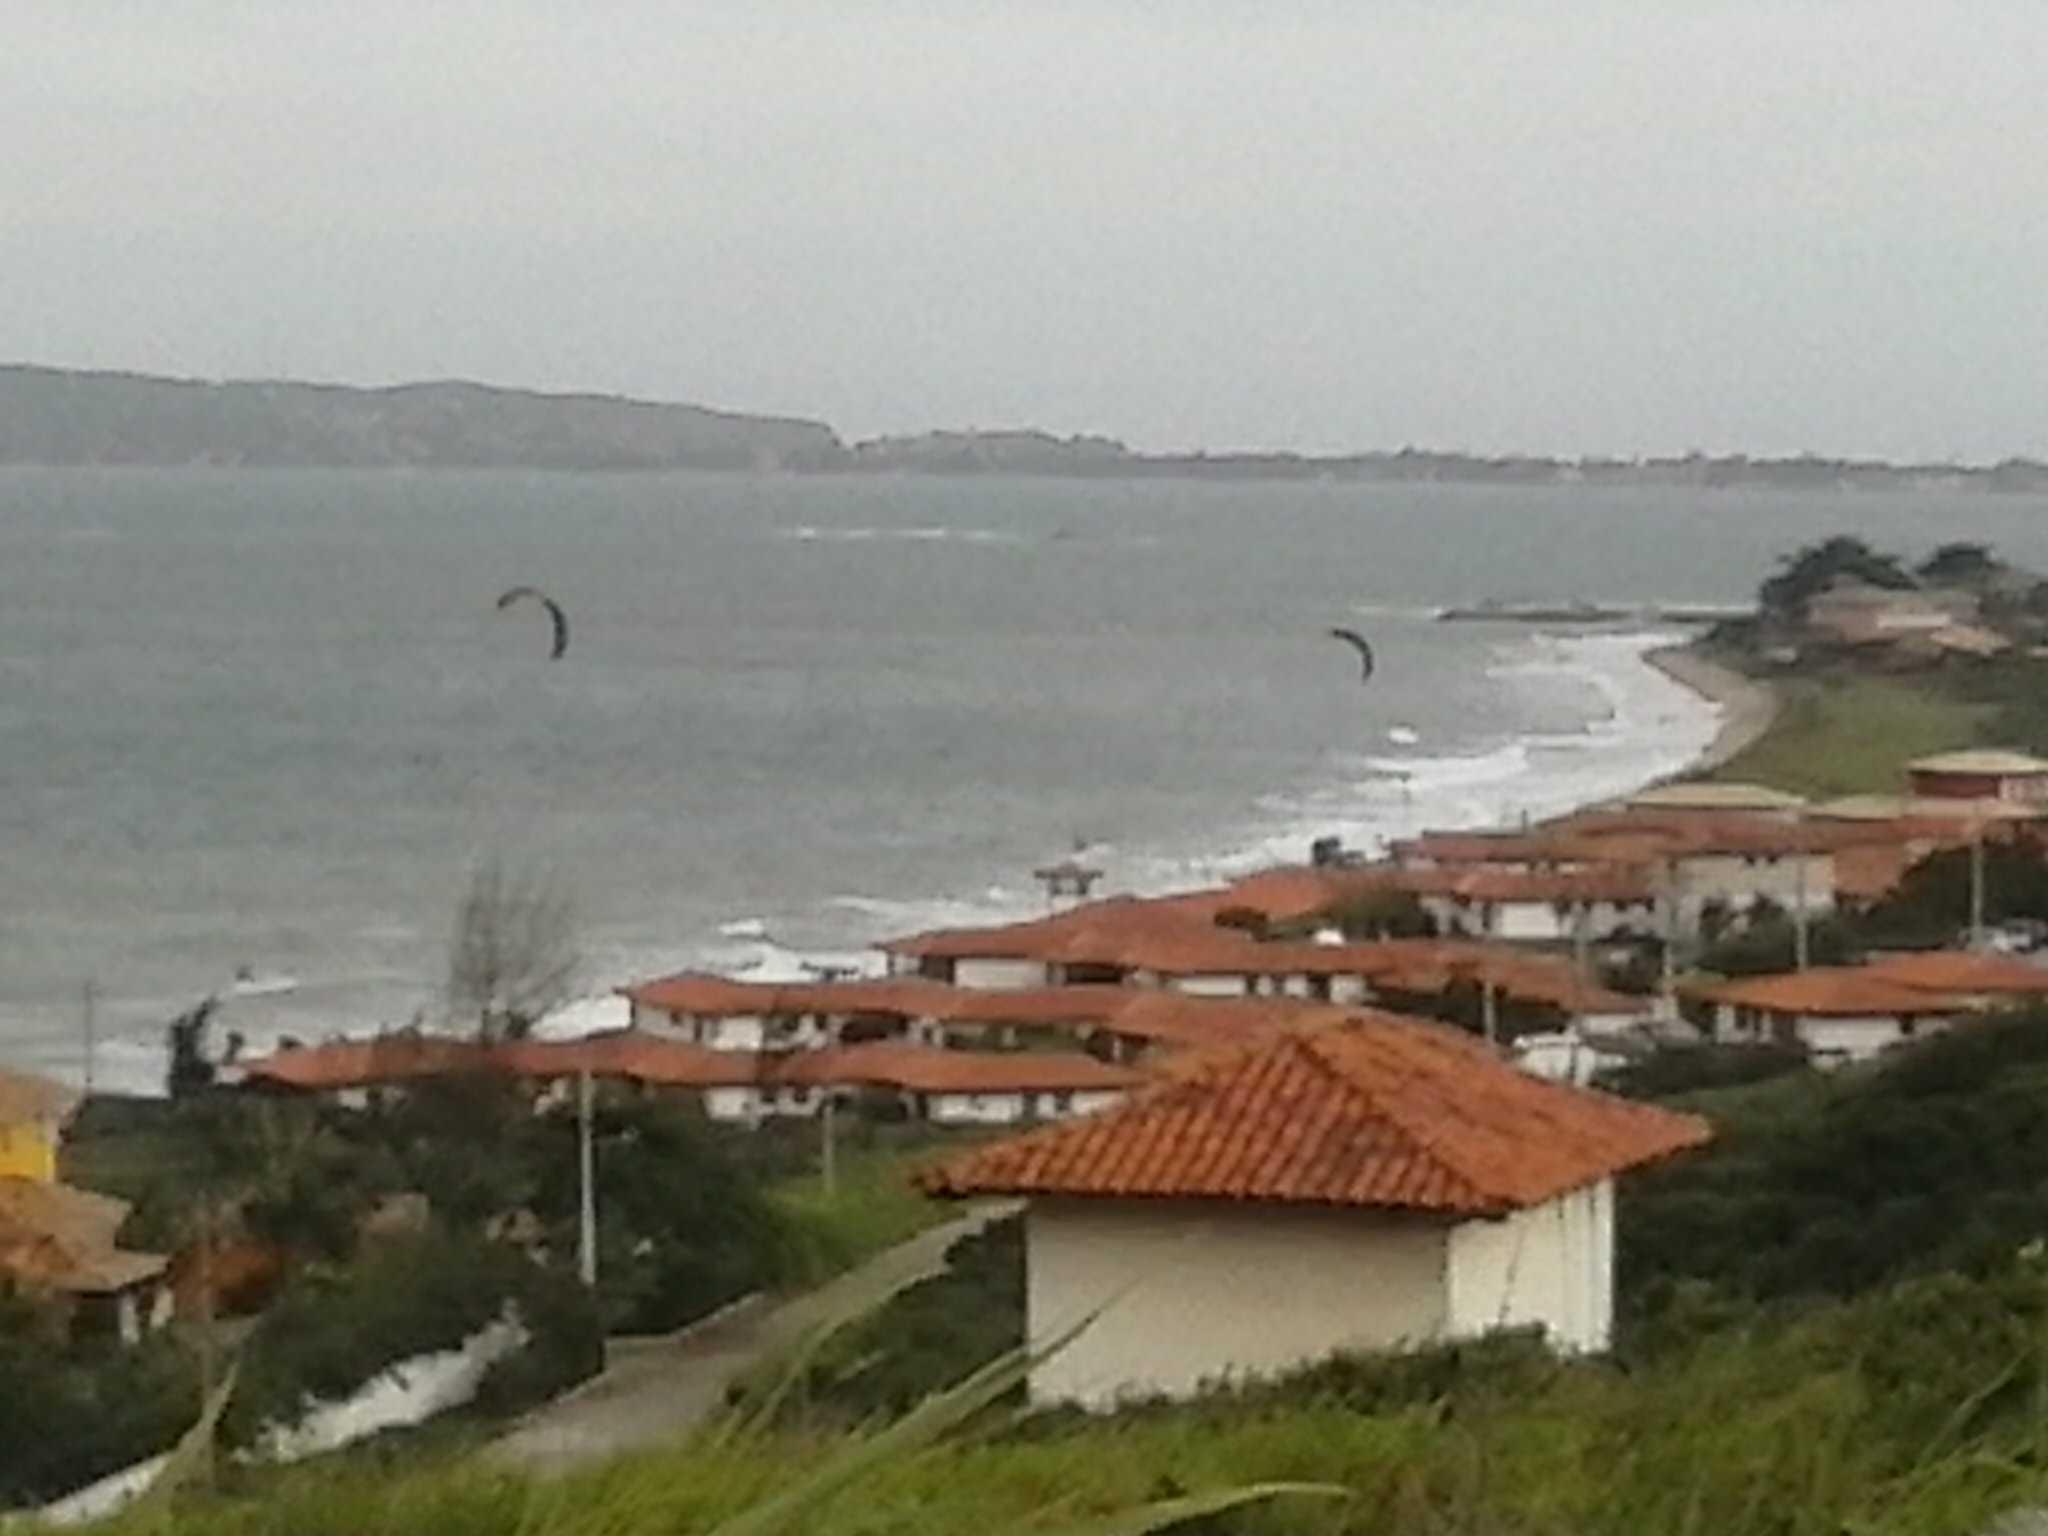 Brincando com o kite surf